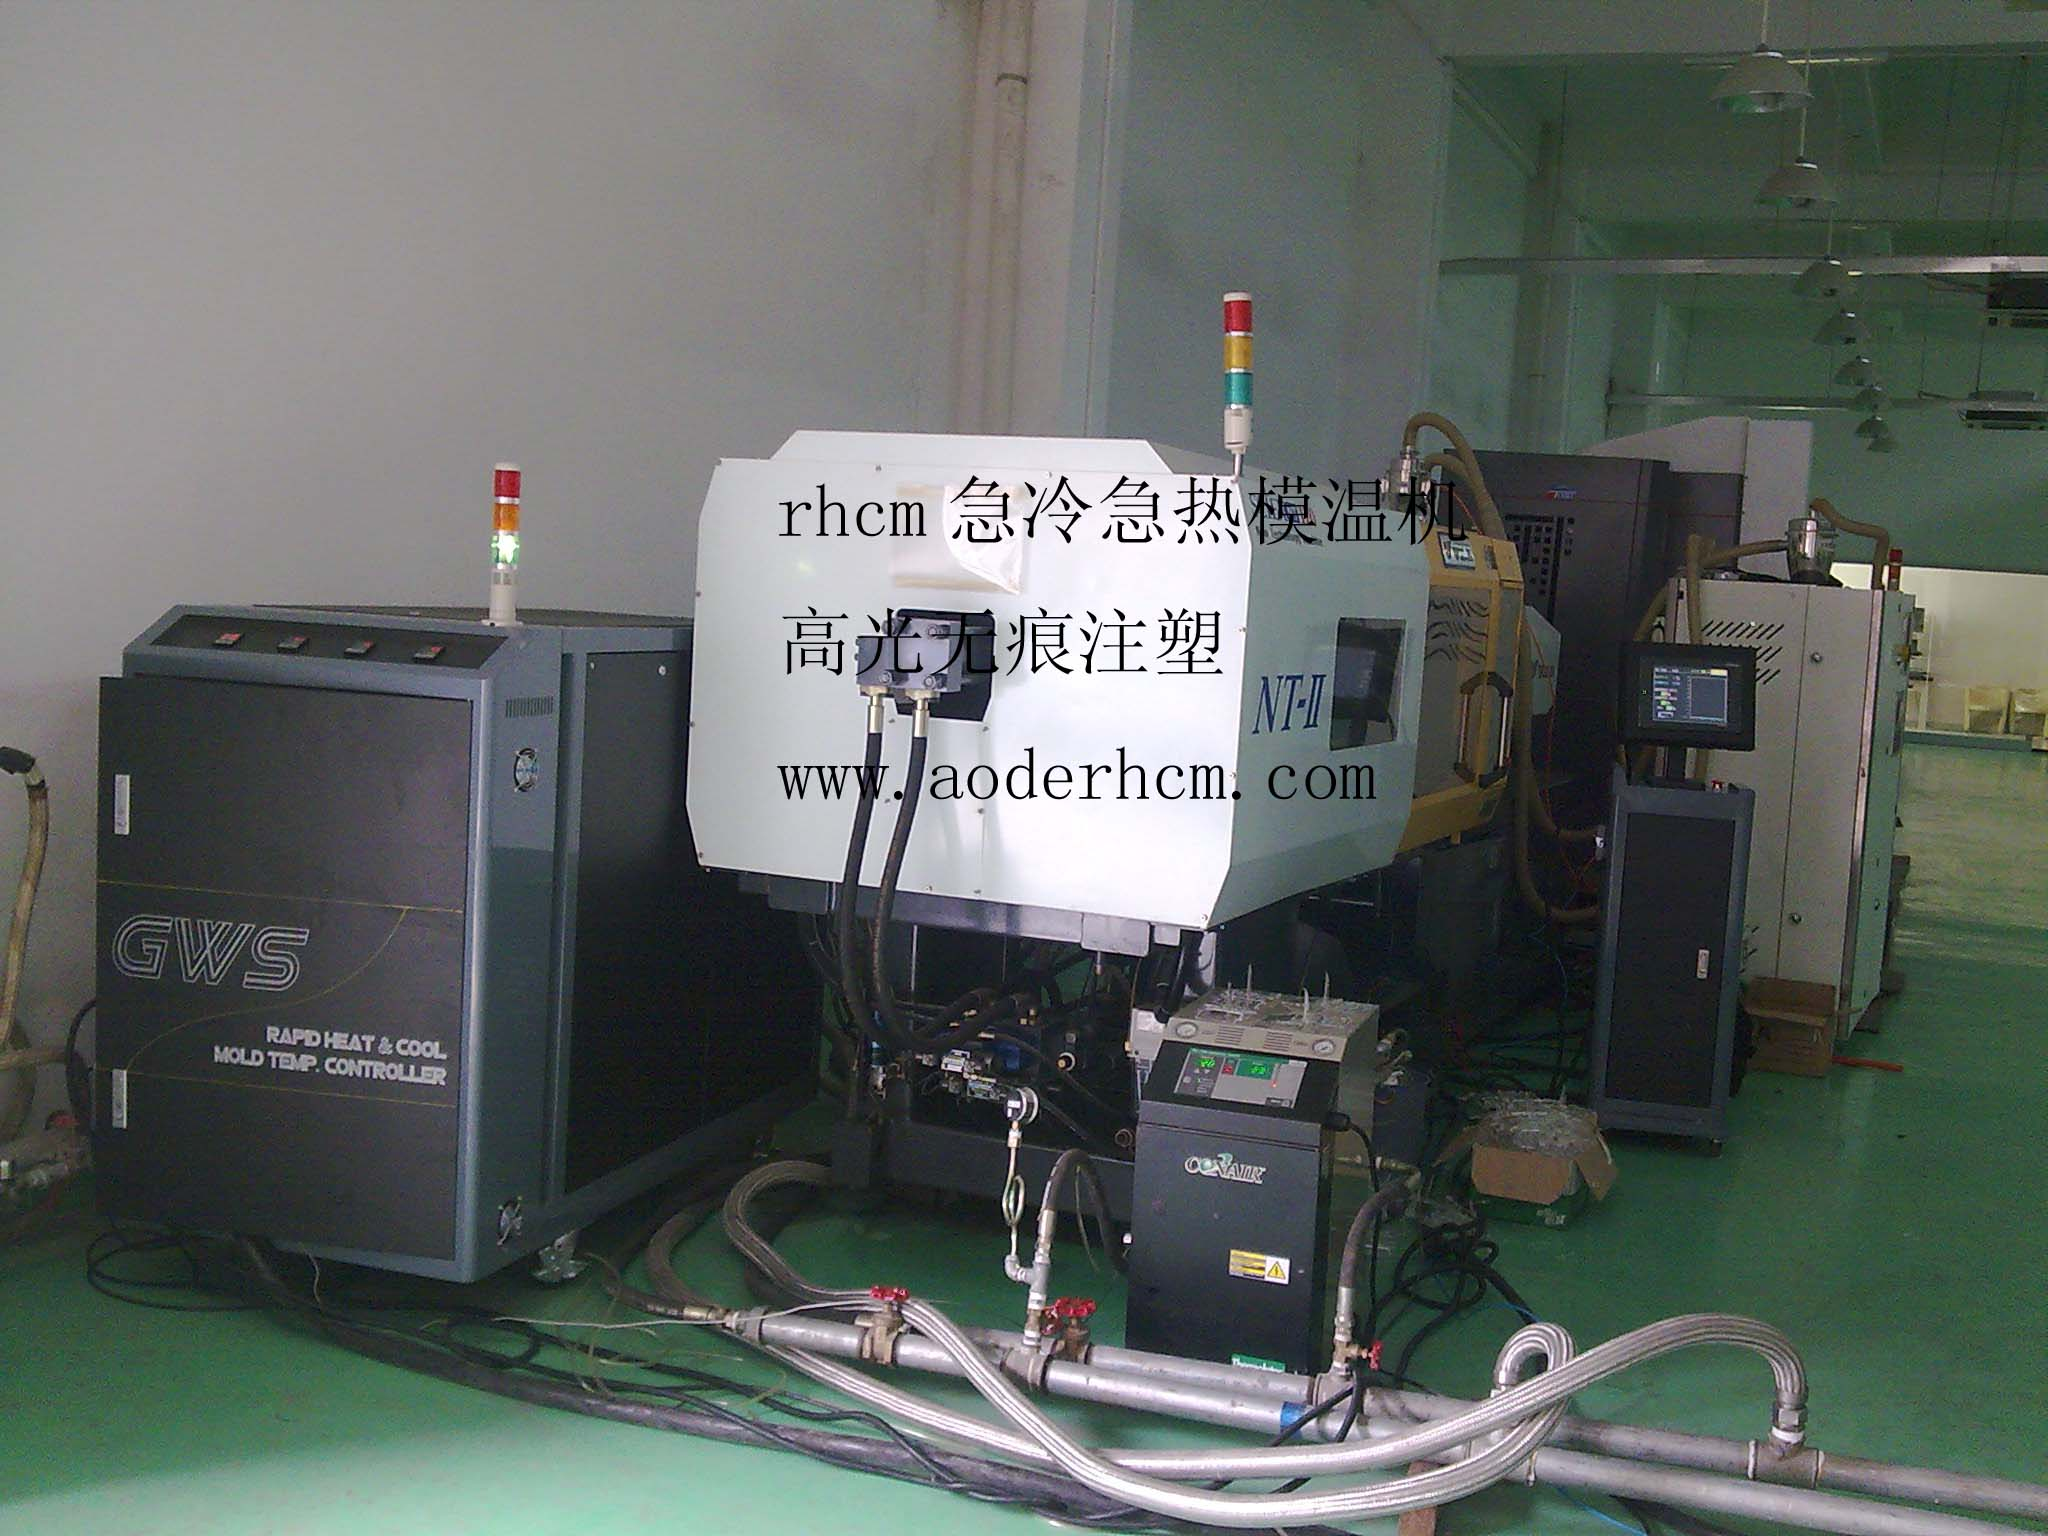 高光注塑模具专用控温机